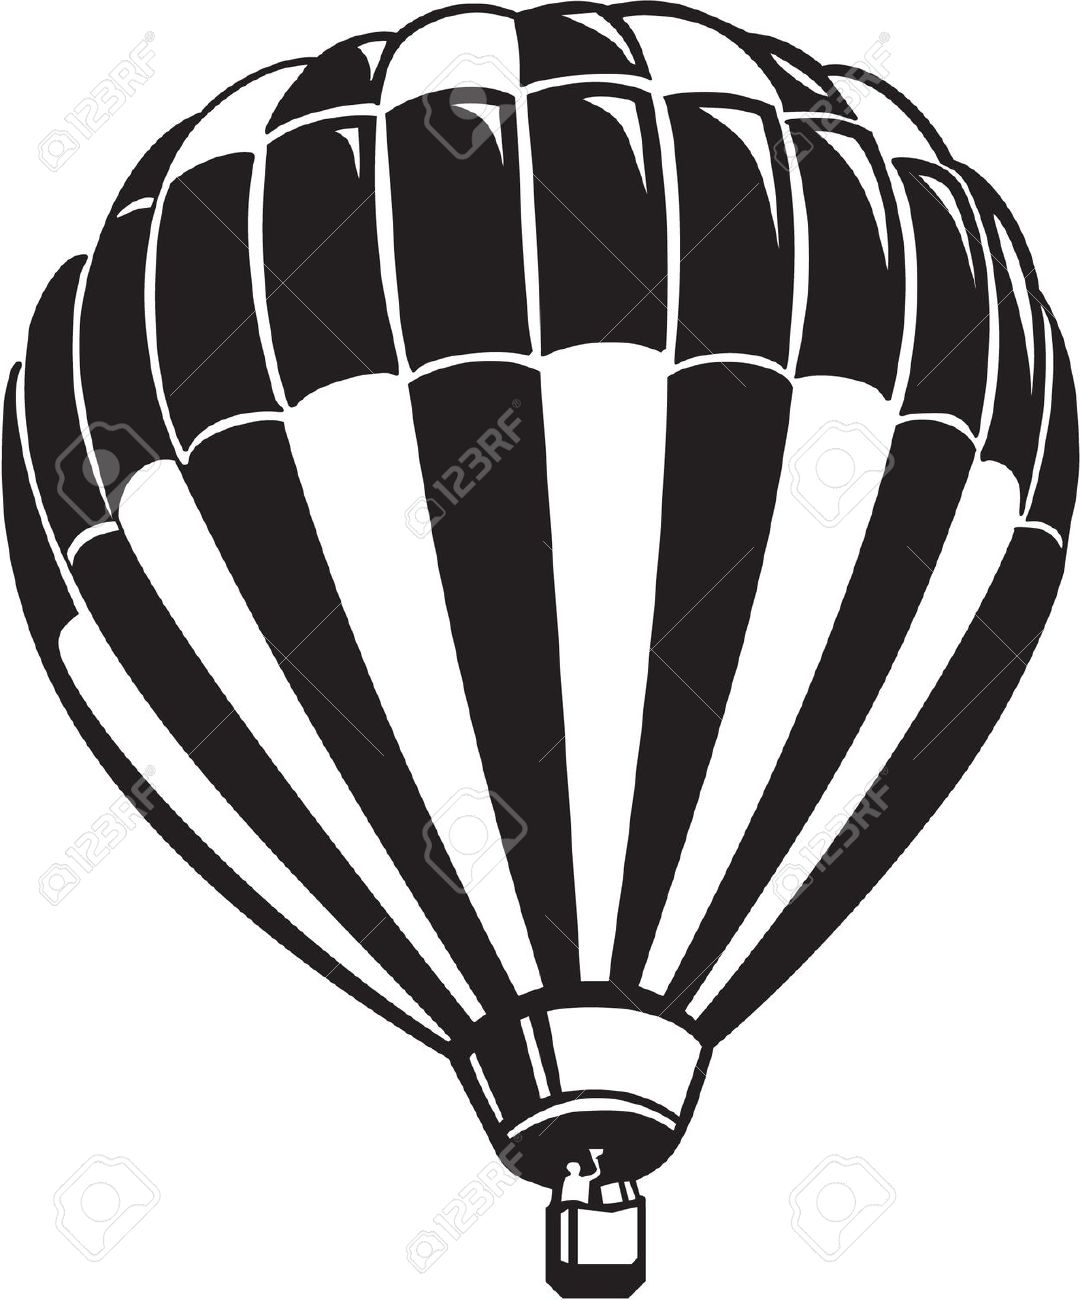 1080x1300 Hot Air Balloon Black White Aerial Balloon Clipart Black